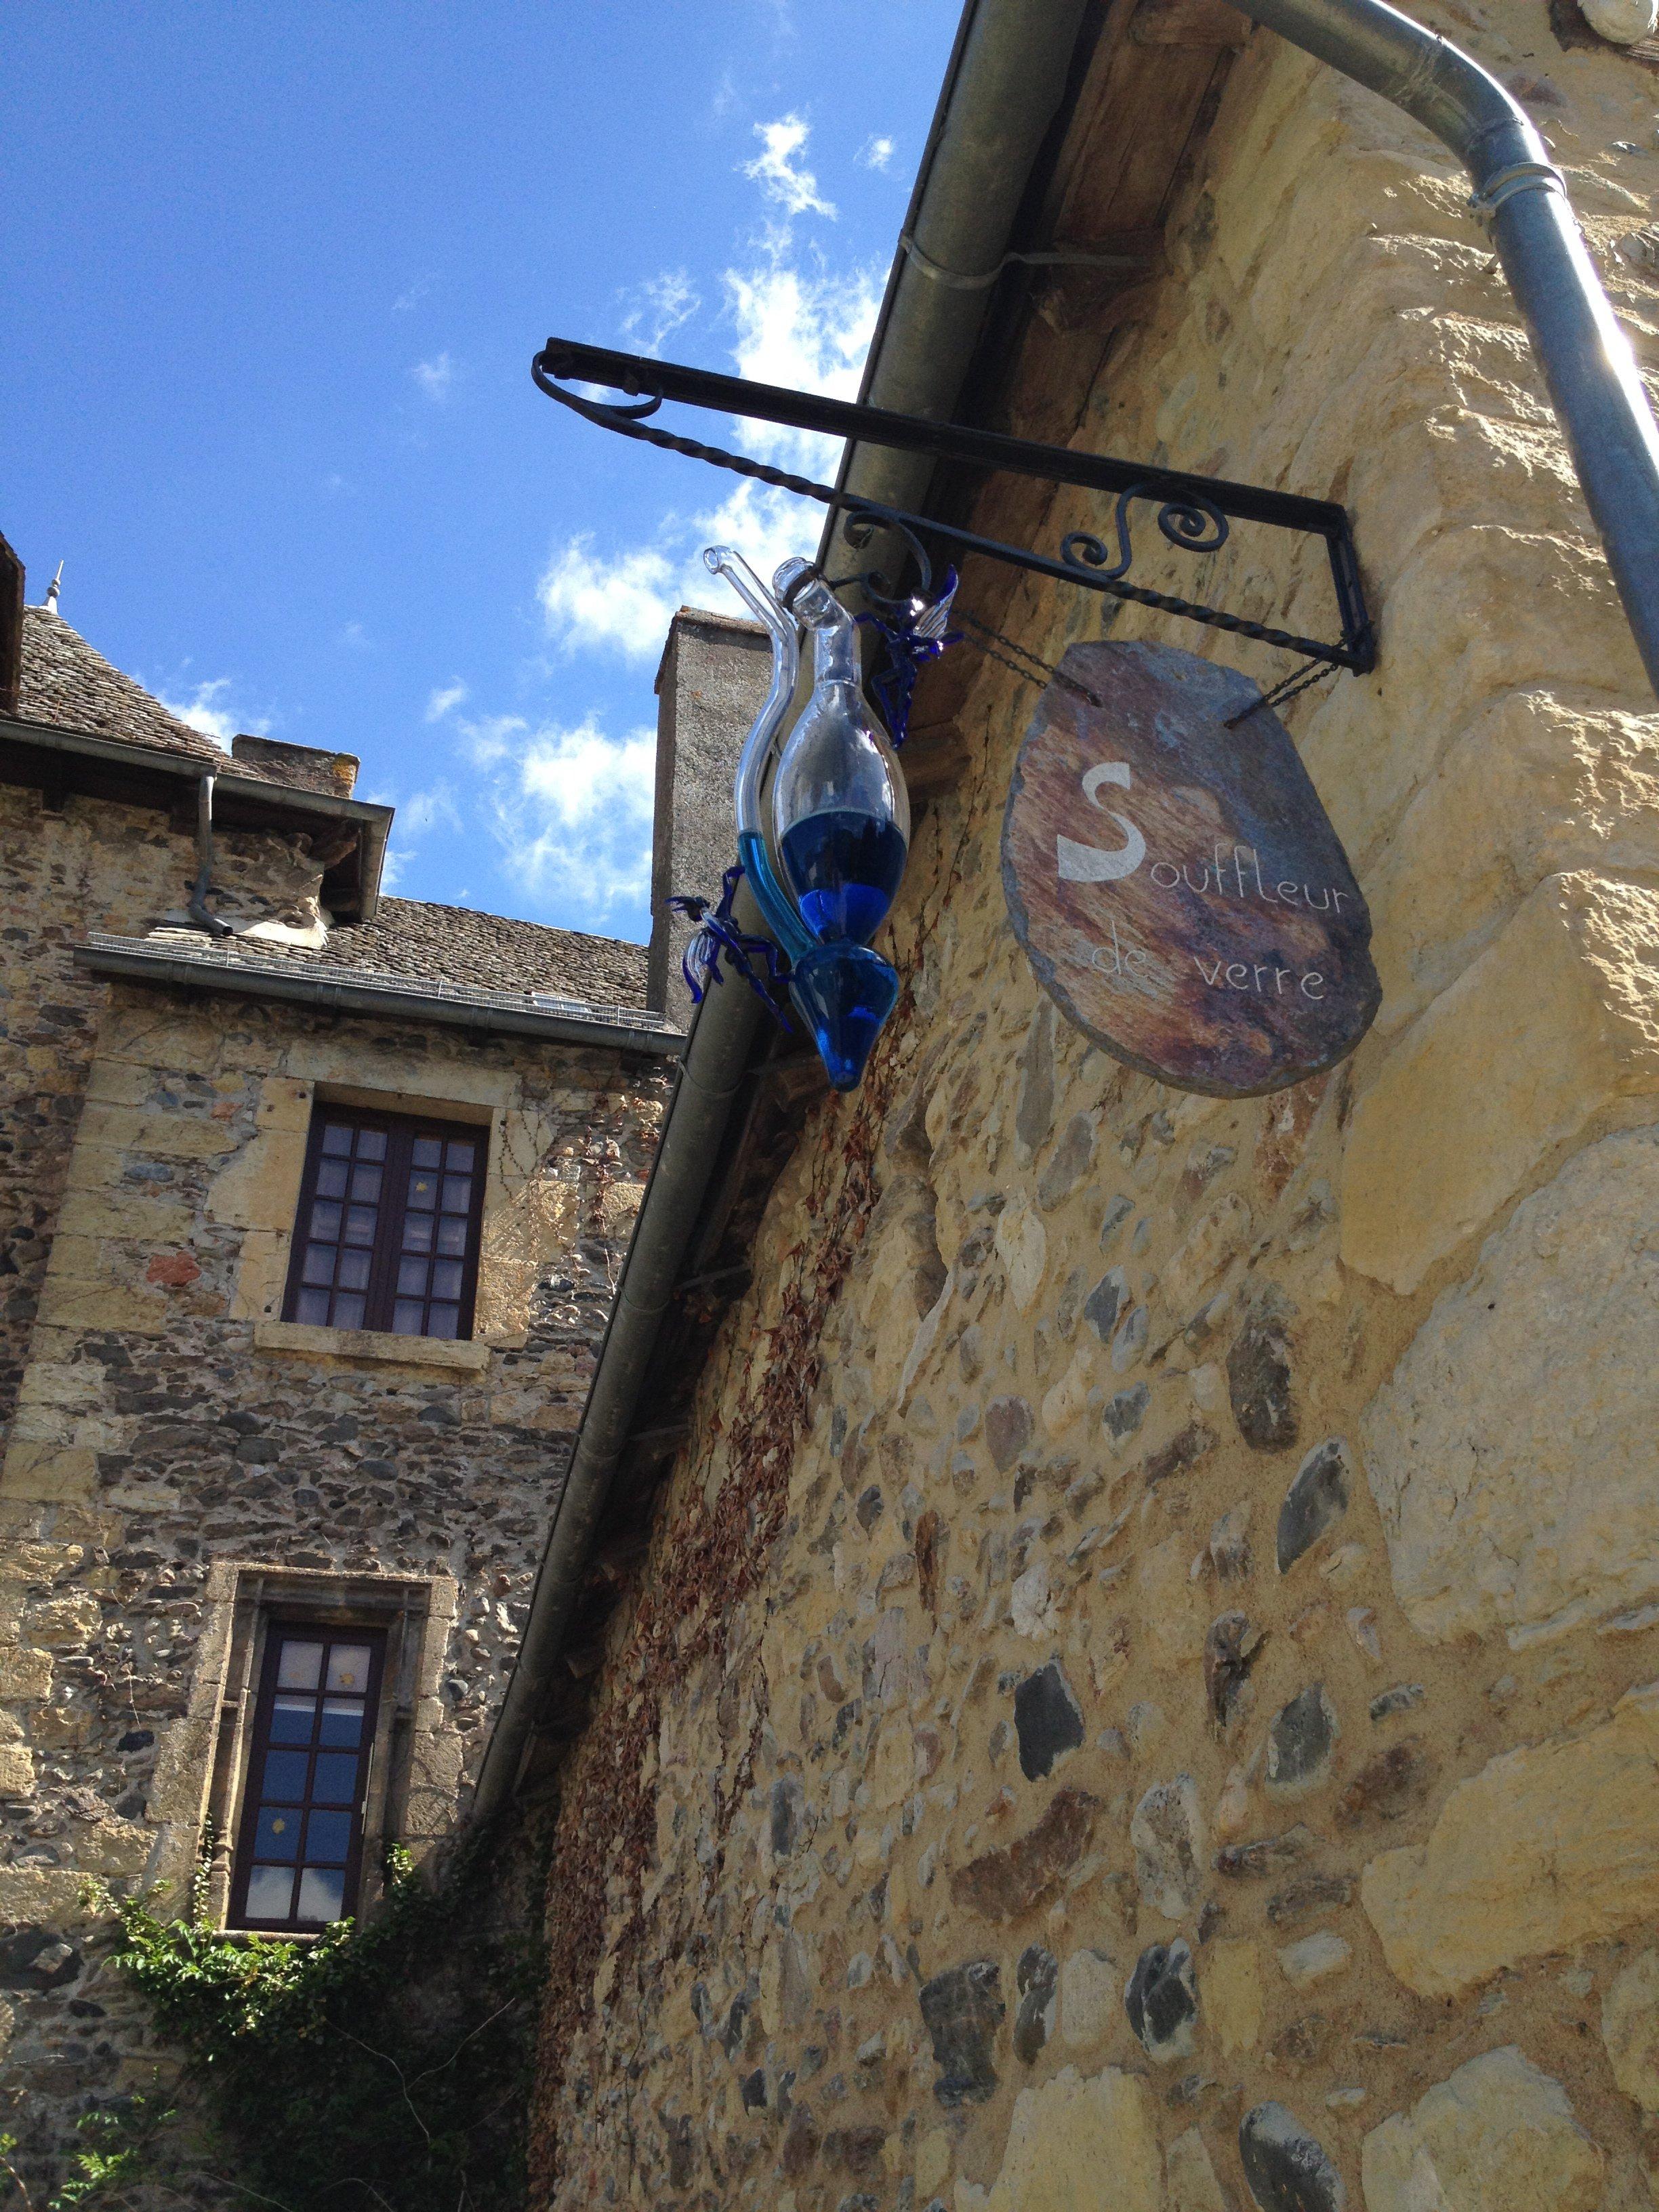 Oficinas de artesanato - Sainte Eulalie d'Olt - Aveyron - França © Viaje Comigo